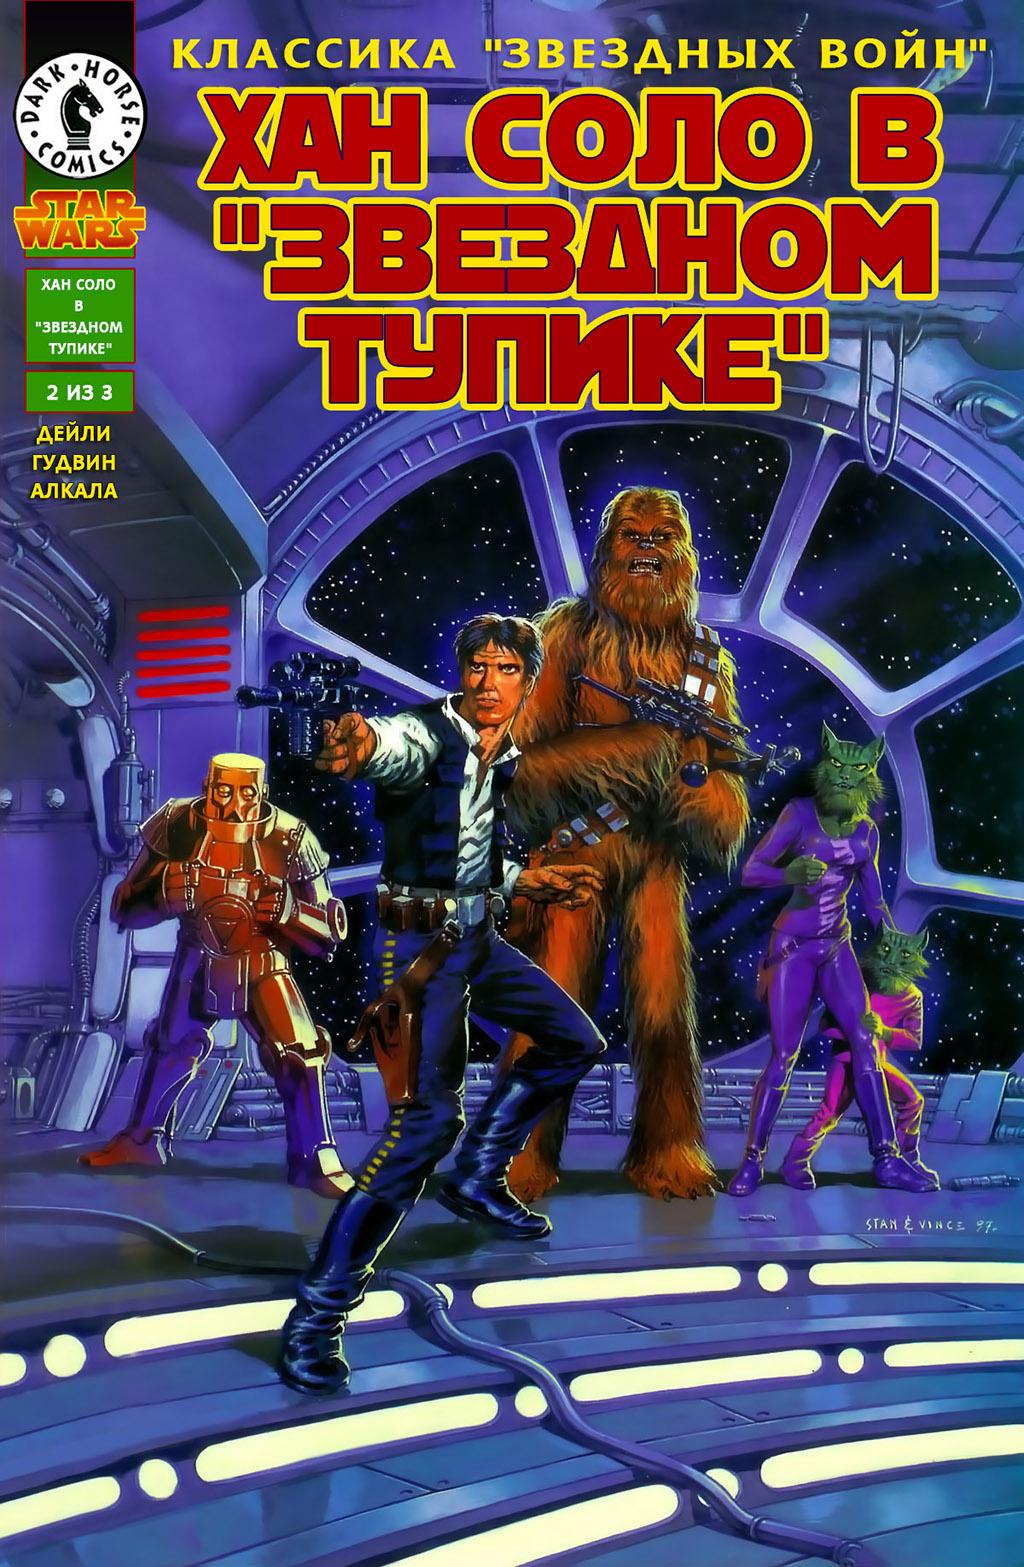 Комикс Звёздные войны - Хан Соло в Звёздном тупике